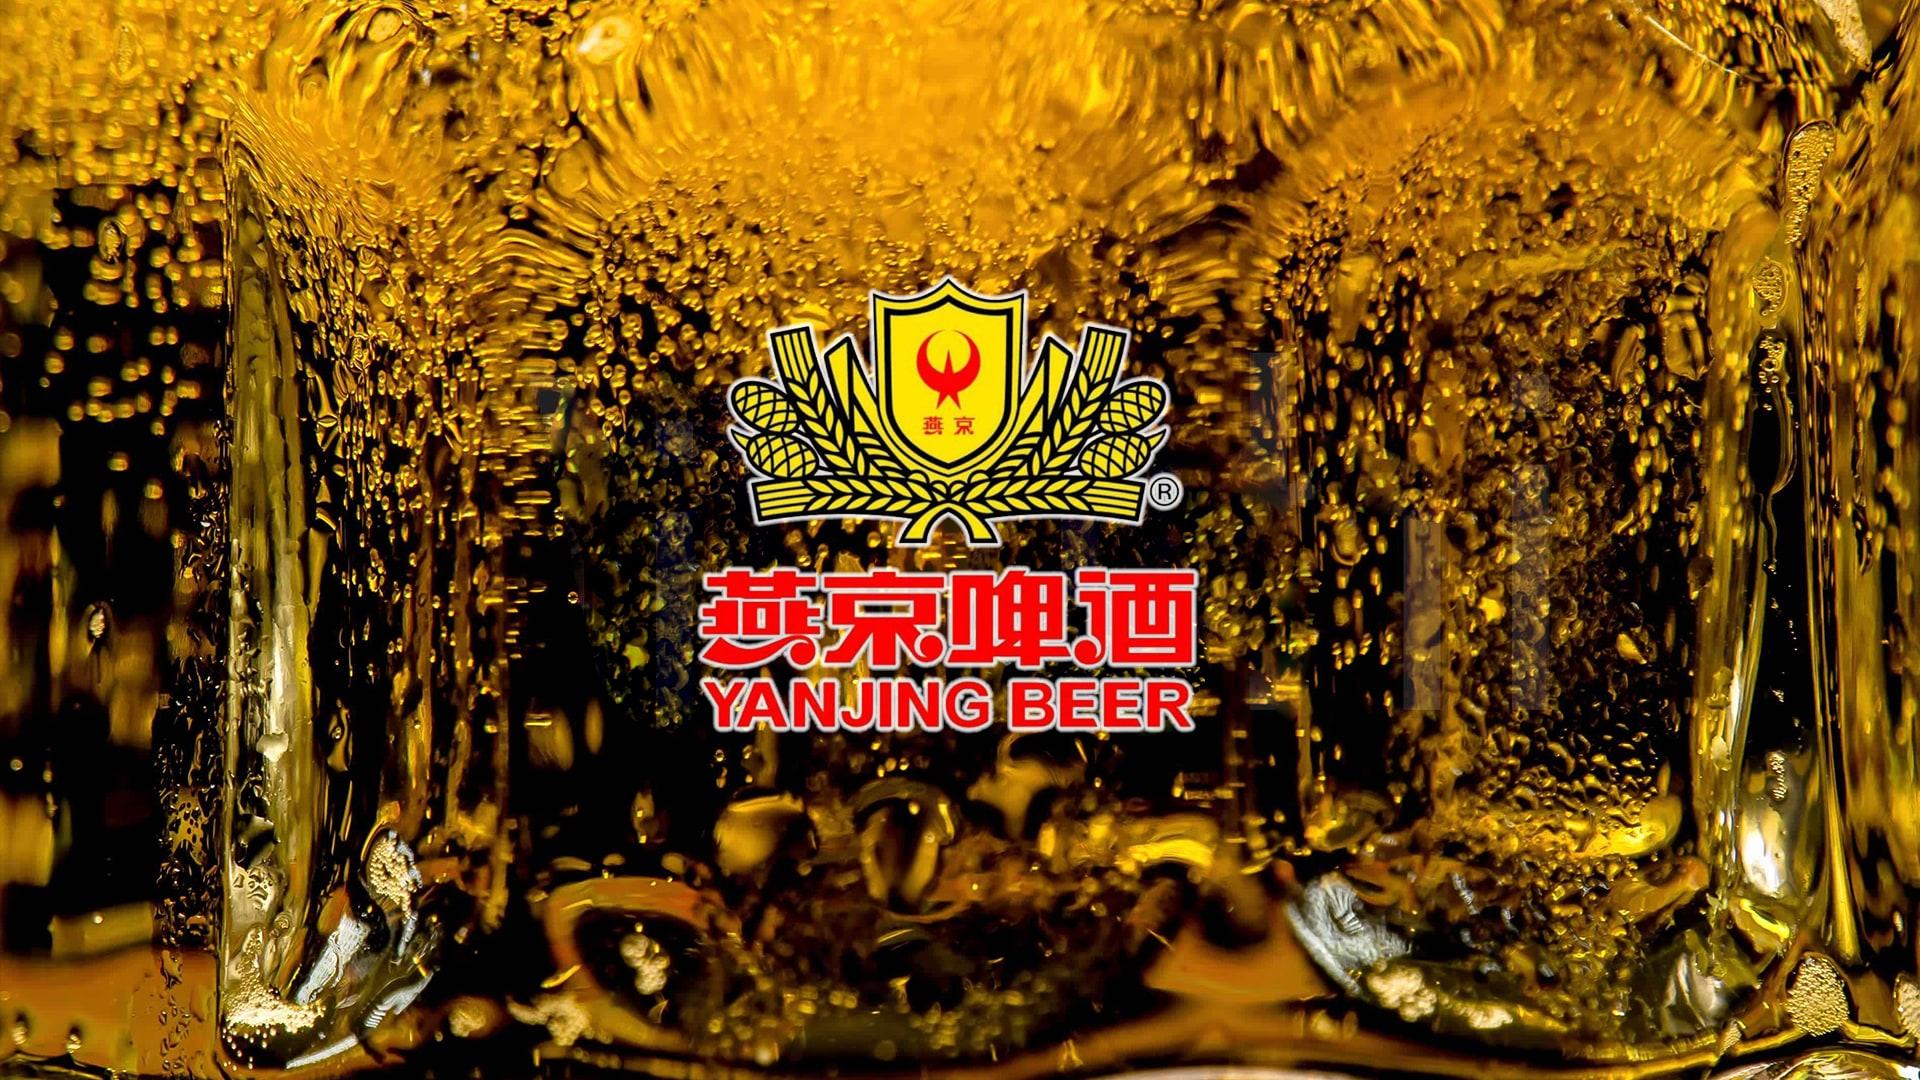 燕京啤酒新品品牌命名